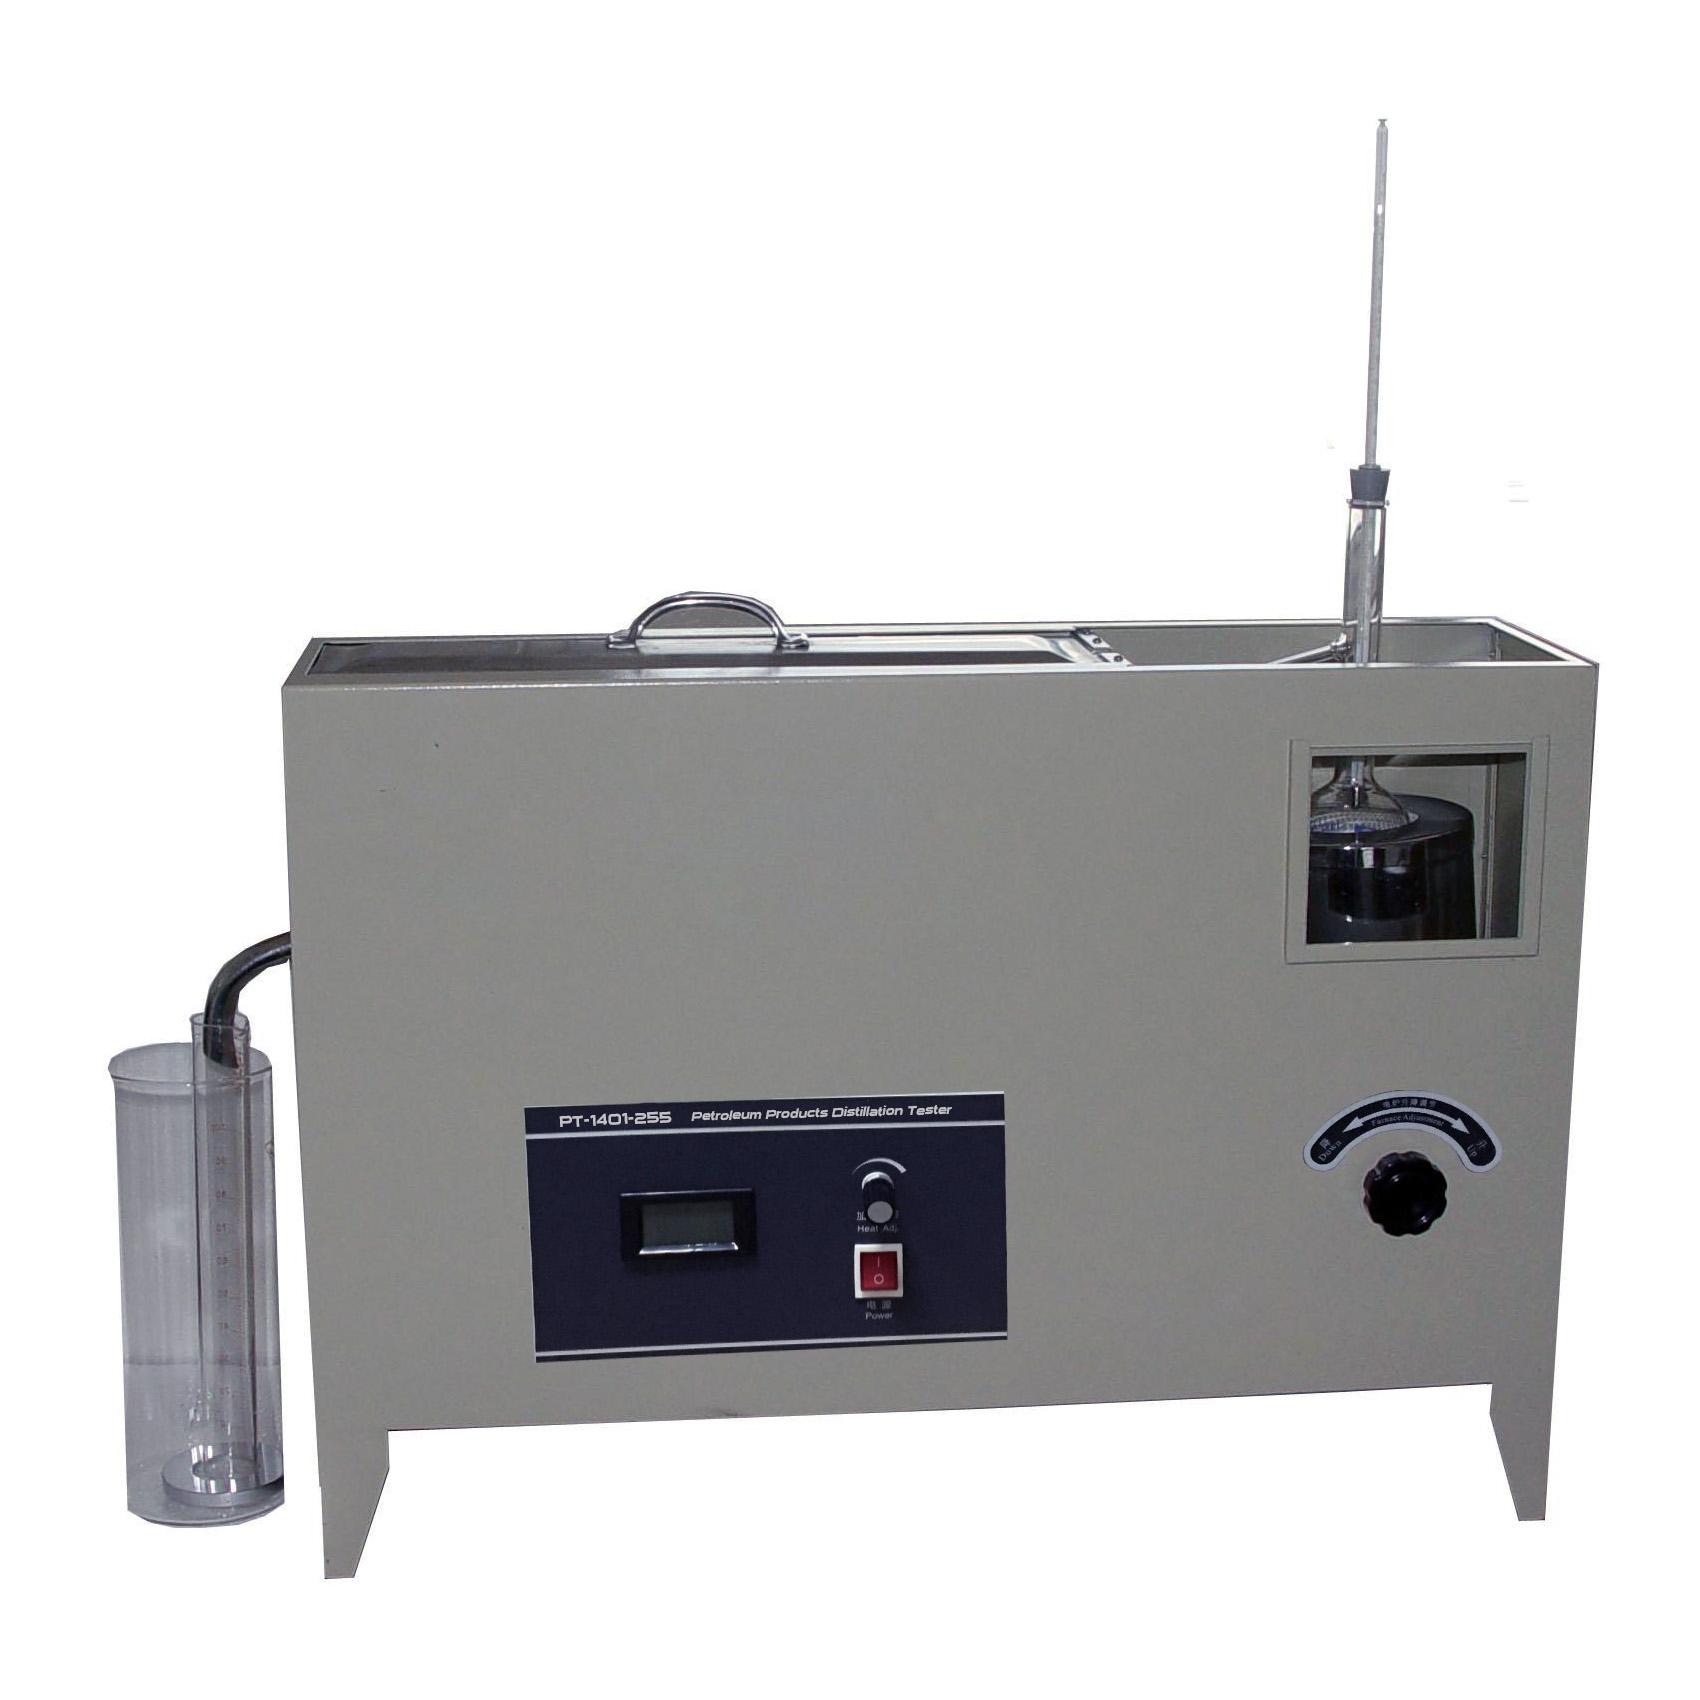 PT-D1401-255 Distillation Tester